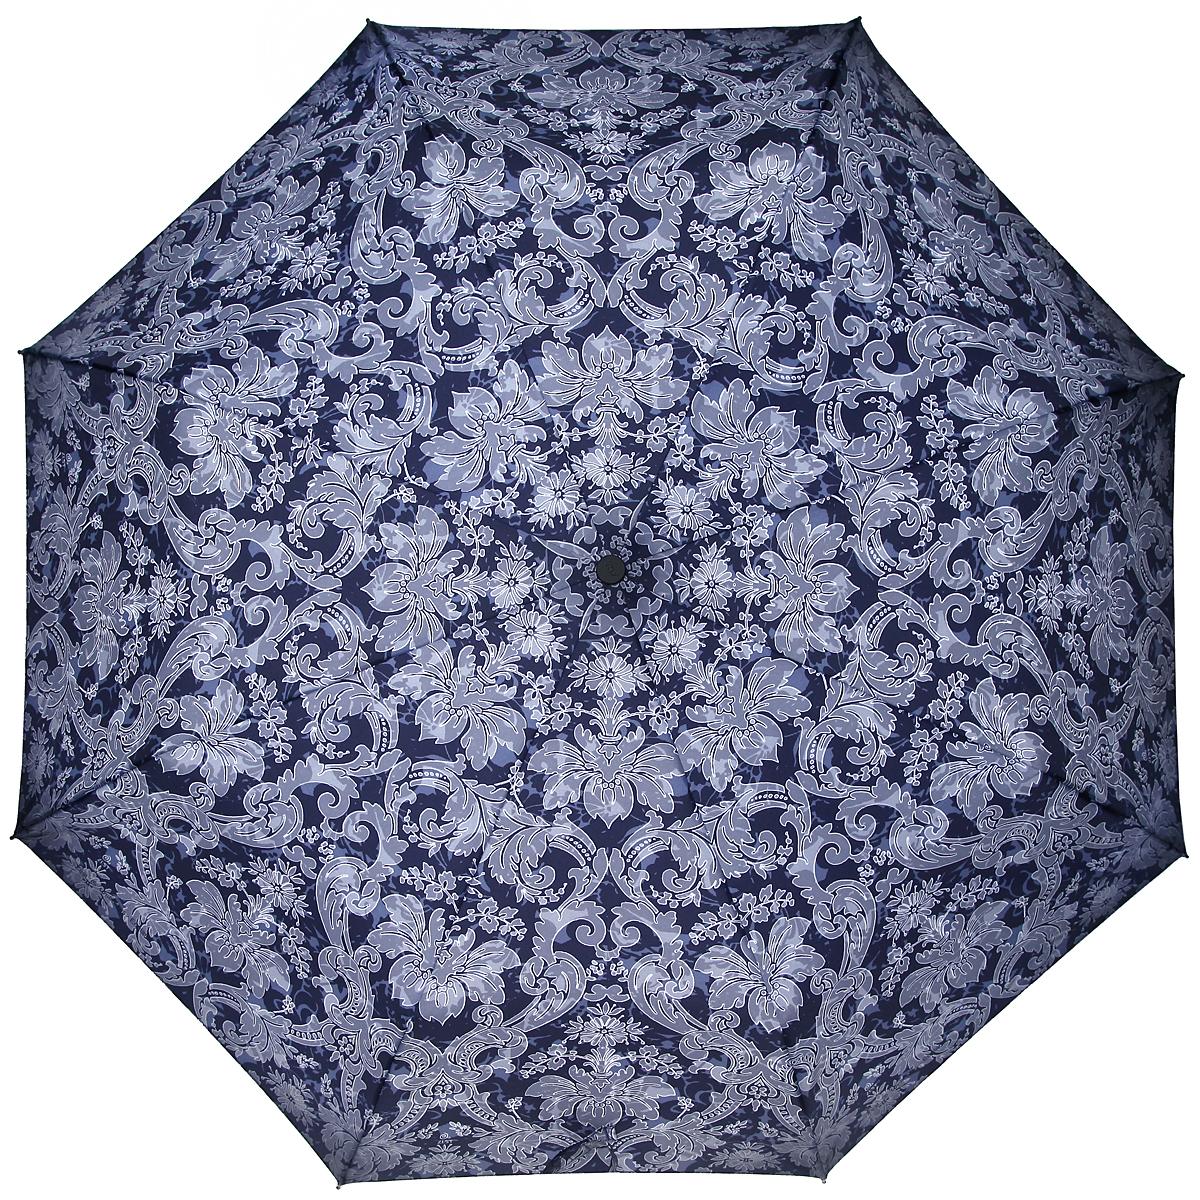 Зонт женский Zest, автомат, 3 сложения, цвет: темно-синий, светло-серый. 23926-128023926-1280Элегантный автоматический зонт Zest в 3 сложения изготовлен из высокопрочных материалов. Каркас зонта состоит из 8 спиц и прочного алюминиевого стержня. Специальная система Windproof защищает его от поломок во время сильных порывов ветра. Купол зонта выполнен из прочного полиэстера с водоотталкивающей пропиткой и оформлен орнаментом. Используемые высококачественные красители обеспечивают длительное сохранение свойств ткани купола. Рукоятка, разработанная с учетом требований эргономики, выполнена из пластика. Зонт имеет полный автоматический механизм сложения: купол открывается и закрывается нажатием кнопки на рукоятке, стержень складывается вручную до характерного щелчка. Благодаря этому открыть и закрыть зонт можно одной рукой, что чрезвычайно удобно при входе в транспорт или помещение. Небольшой шнурок, расположенный на рукоятке, позволяет надеть изделие на руку при необходимости. Модель закрывается при помощи хлястика на застежку-липучку. К зонту прилагается чехол. ...